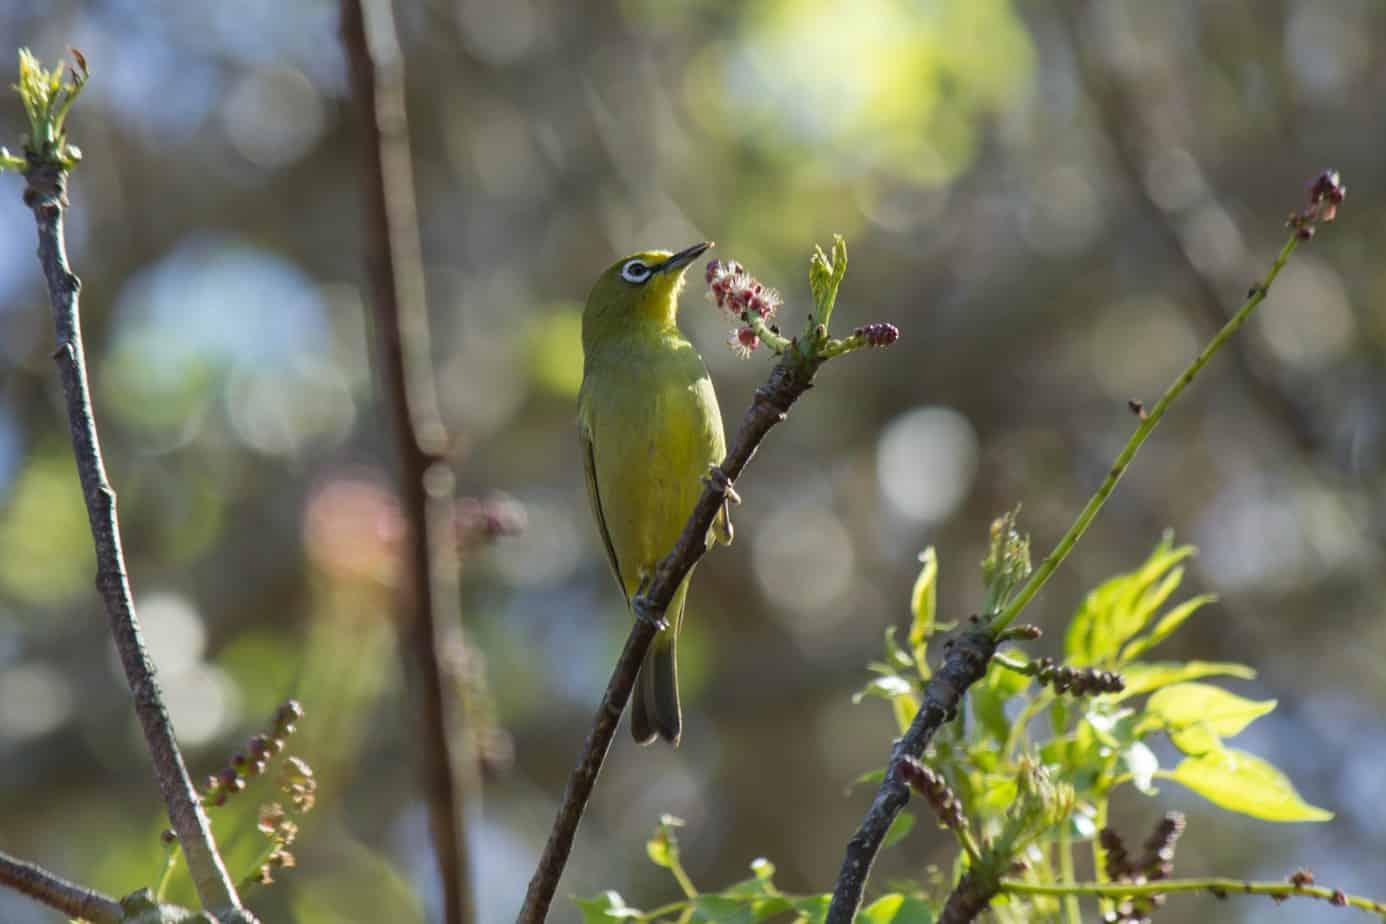 Kappbrillefugl @ St Lucia Estuary, Sør-Afrika. Foto: Håvard Rosenlund